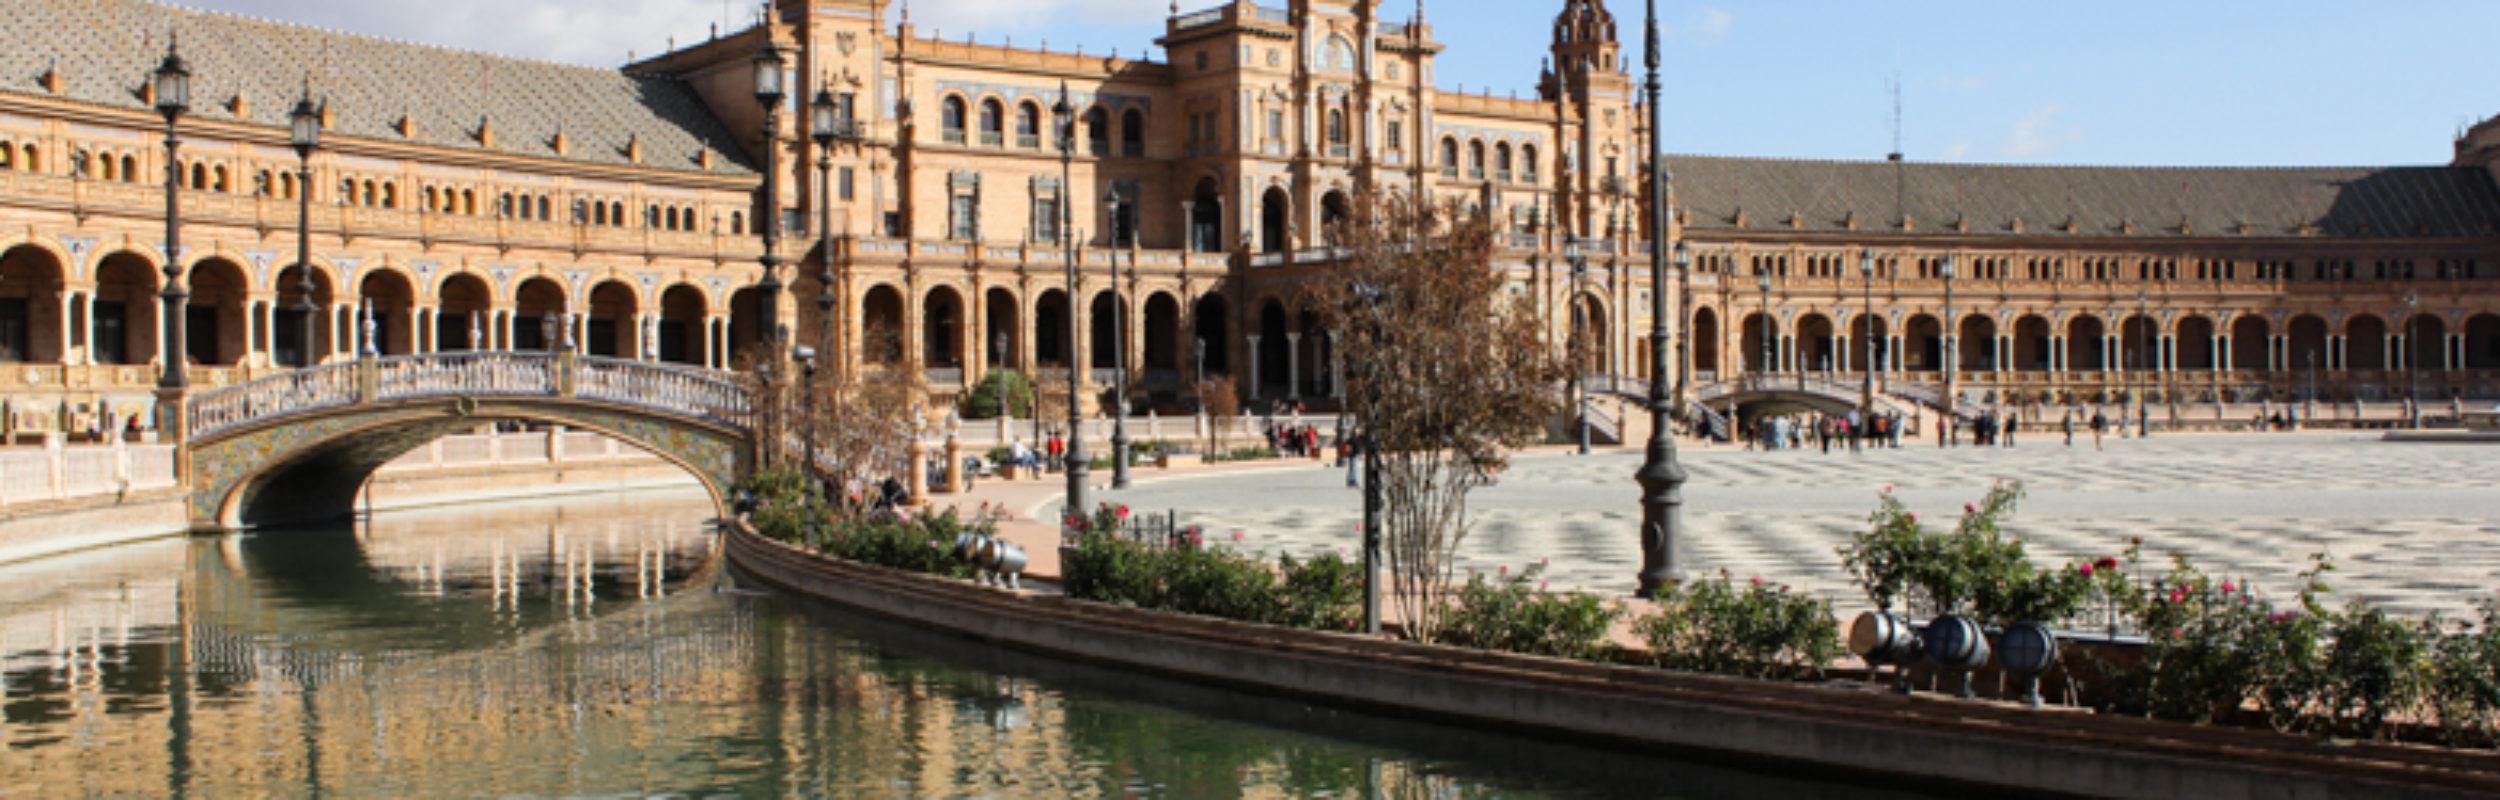 Road-trip en Andalousie #6 : Star Wars et des champignons géants, c'est Séville insolite !